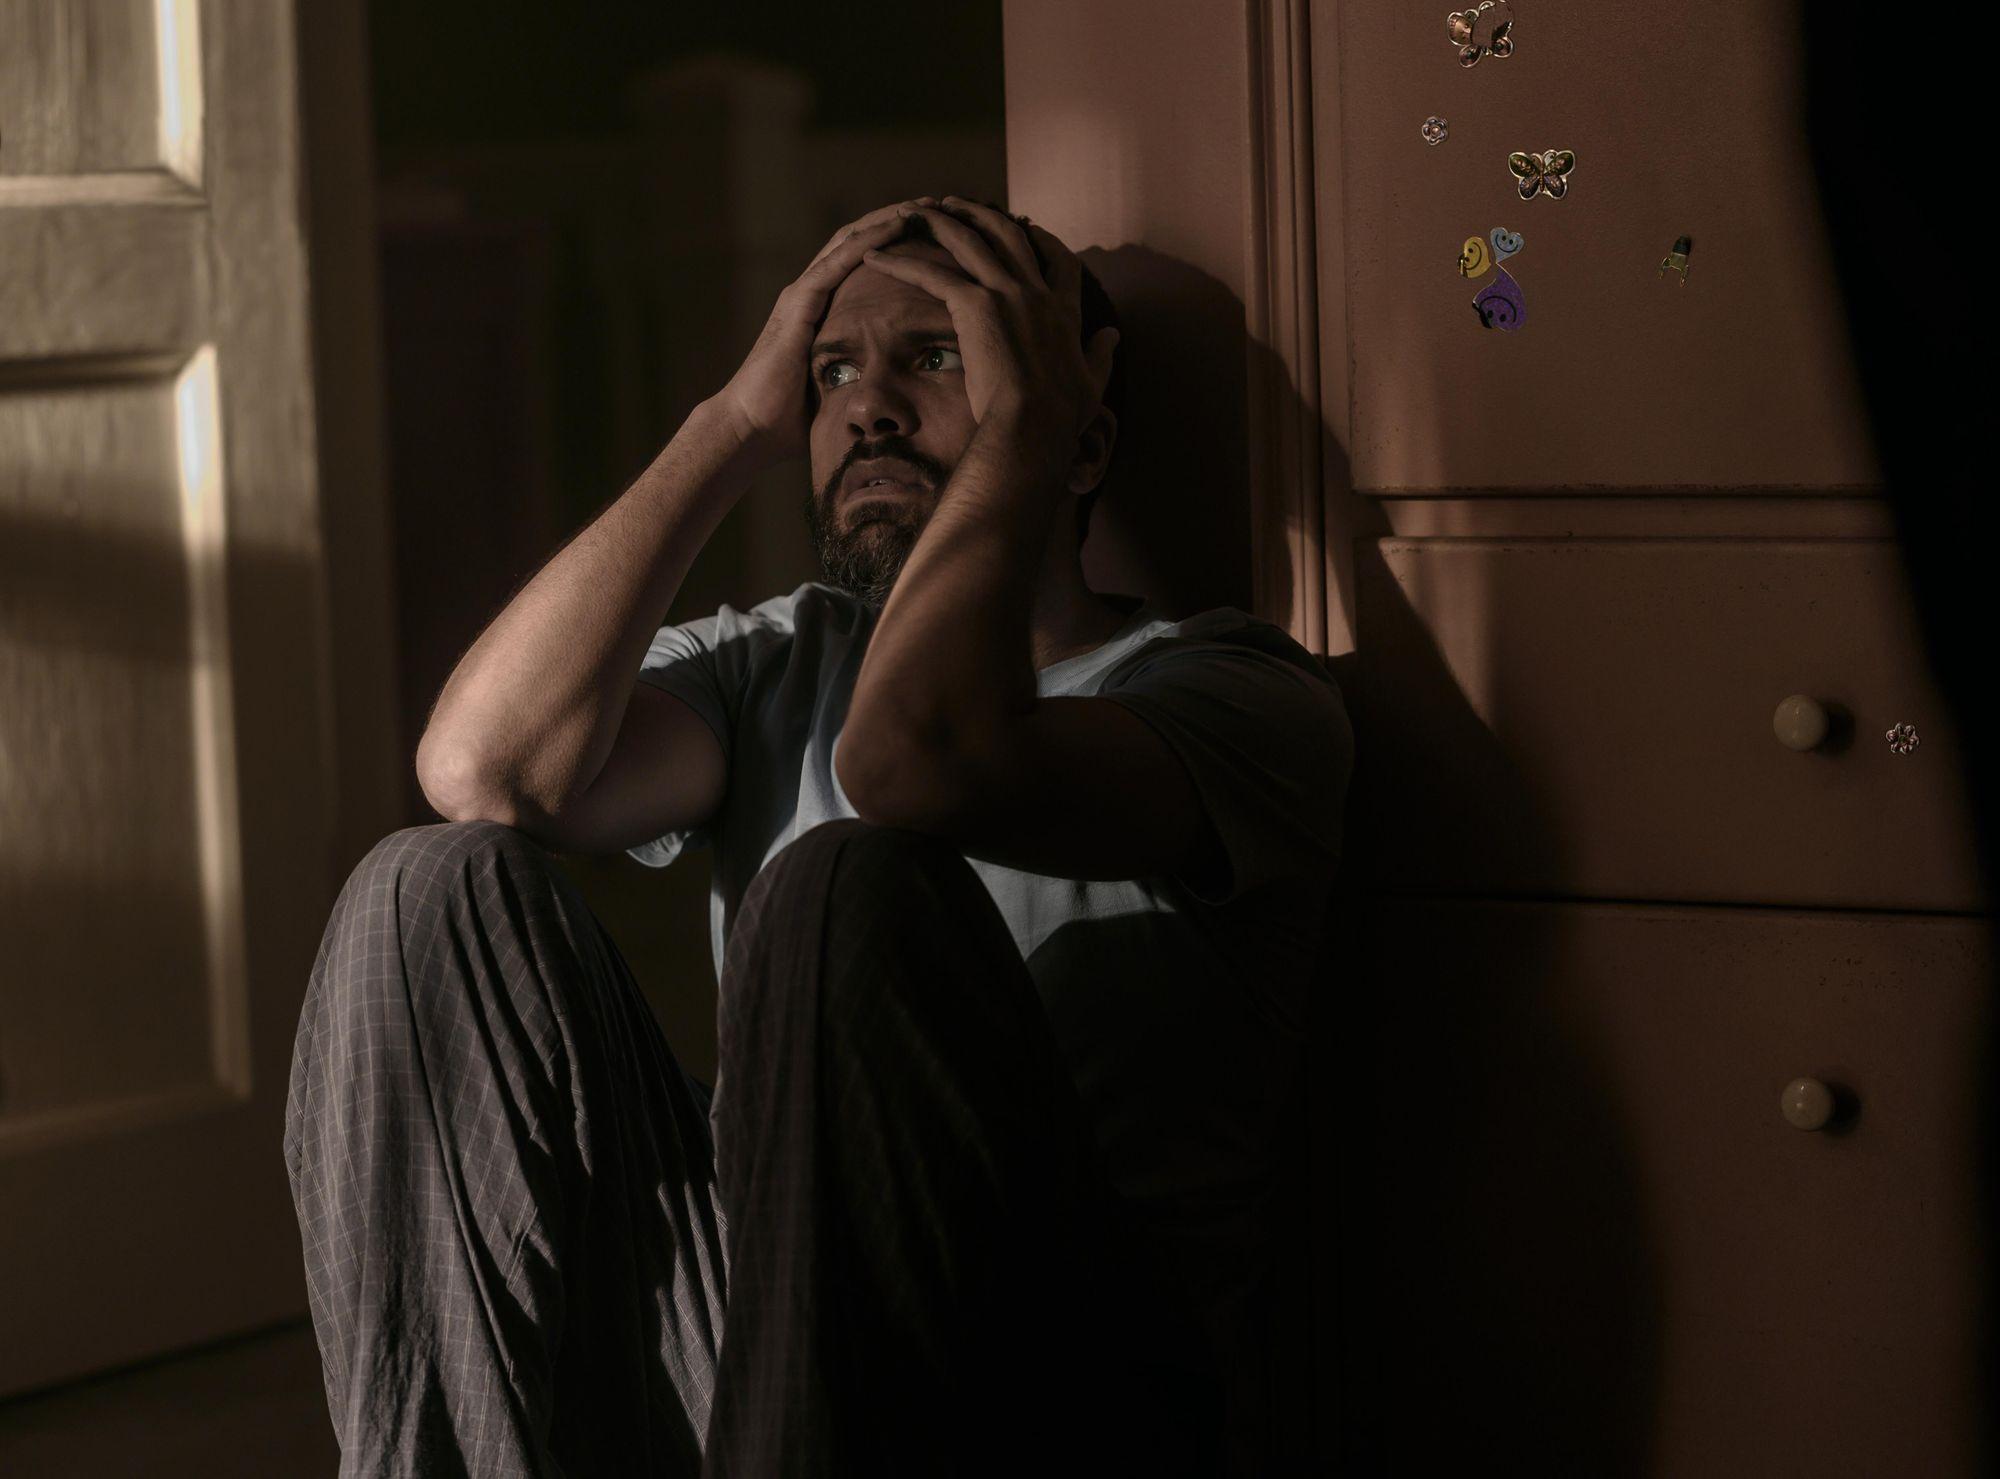 Cena de The Handmaid's Tale. O-T Fagbenle está sentado no chão, com as mãos na cabeça e uma expressão assustada. Ele é um homem negro de aproximadamente 35 anos. Está apoiado na parede e usa camisa azul e caça preta.